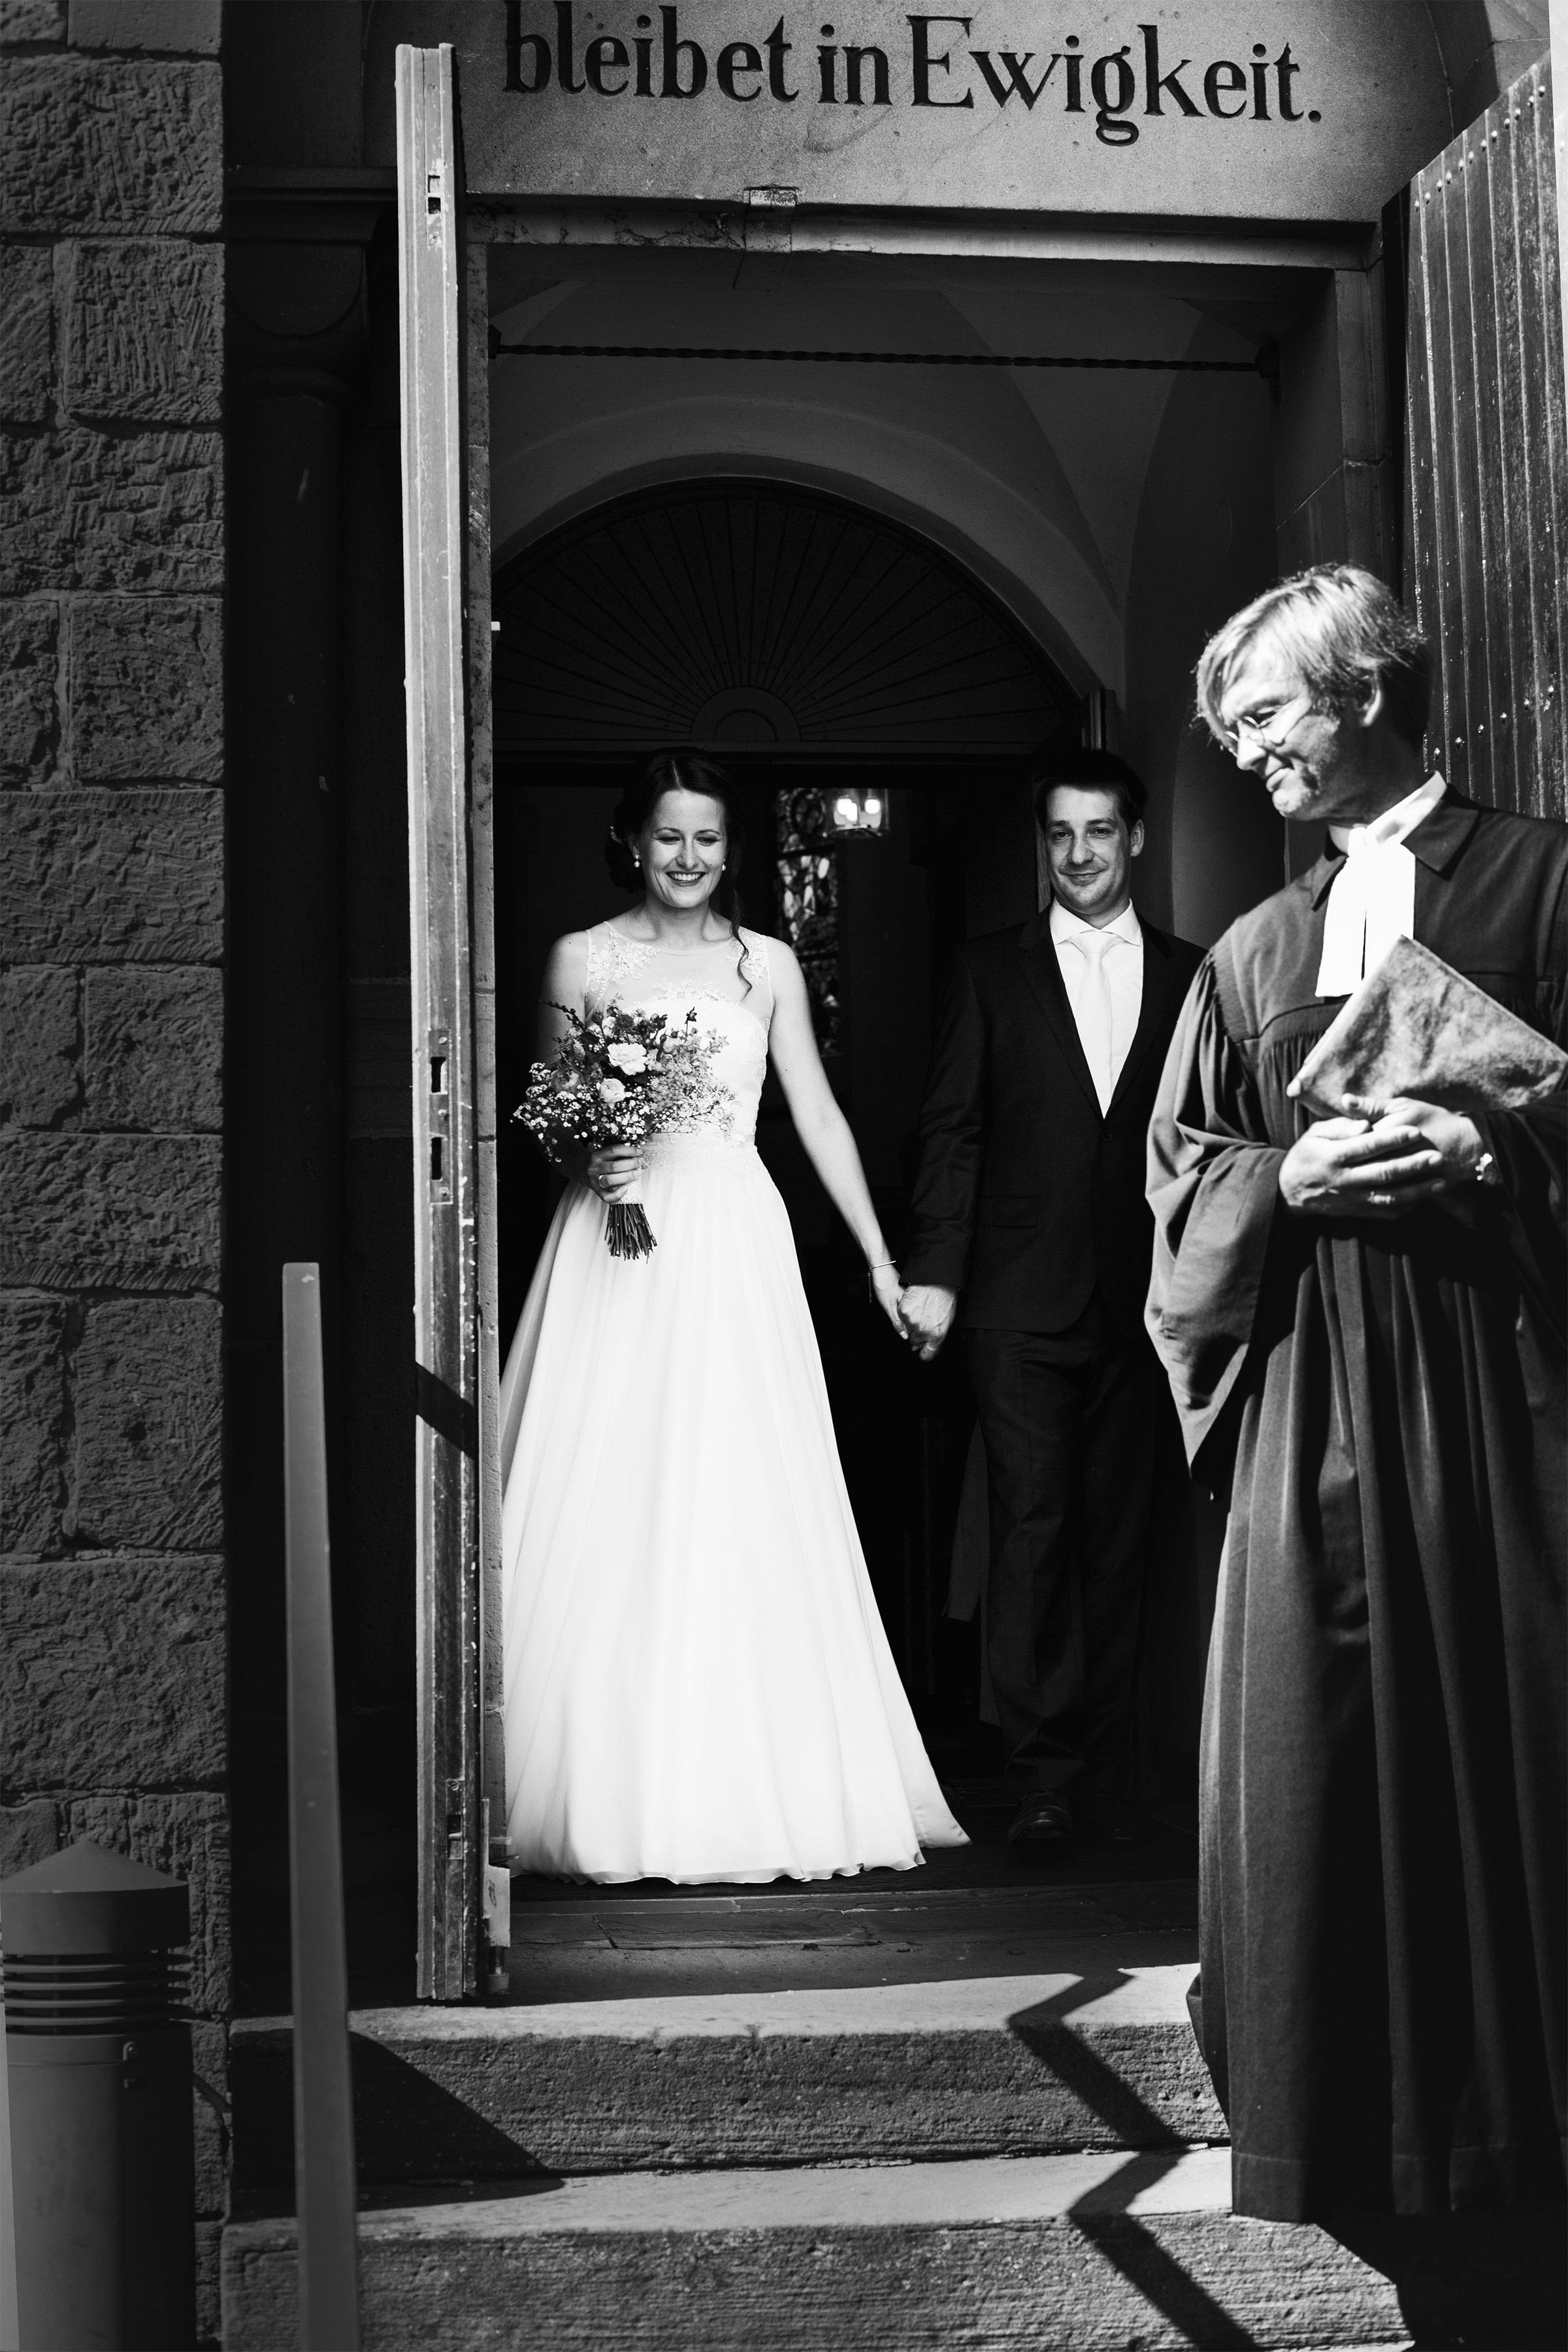 Ziemlich Ewigkeit Brautkleid Galerie - Brautkleider Ideen - cashingy ...